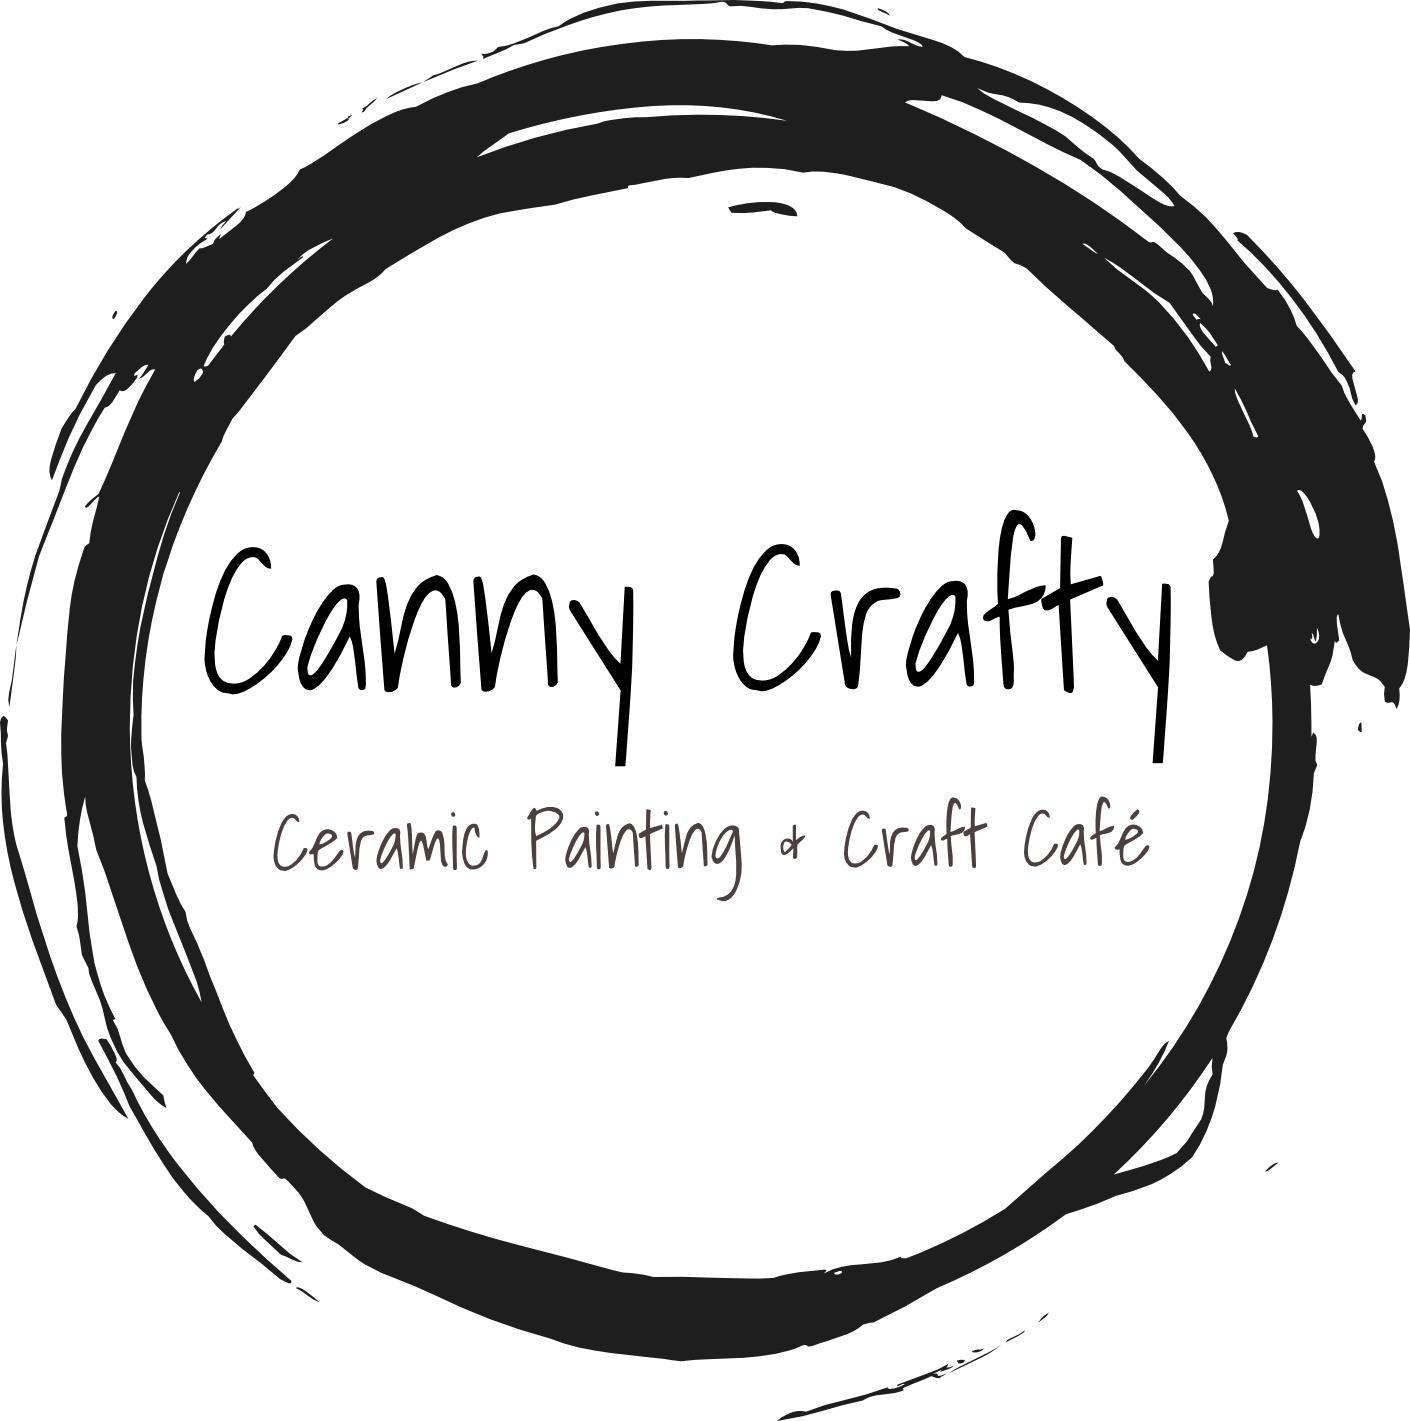 Canny Crafty logo